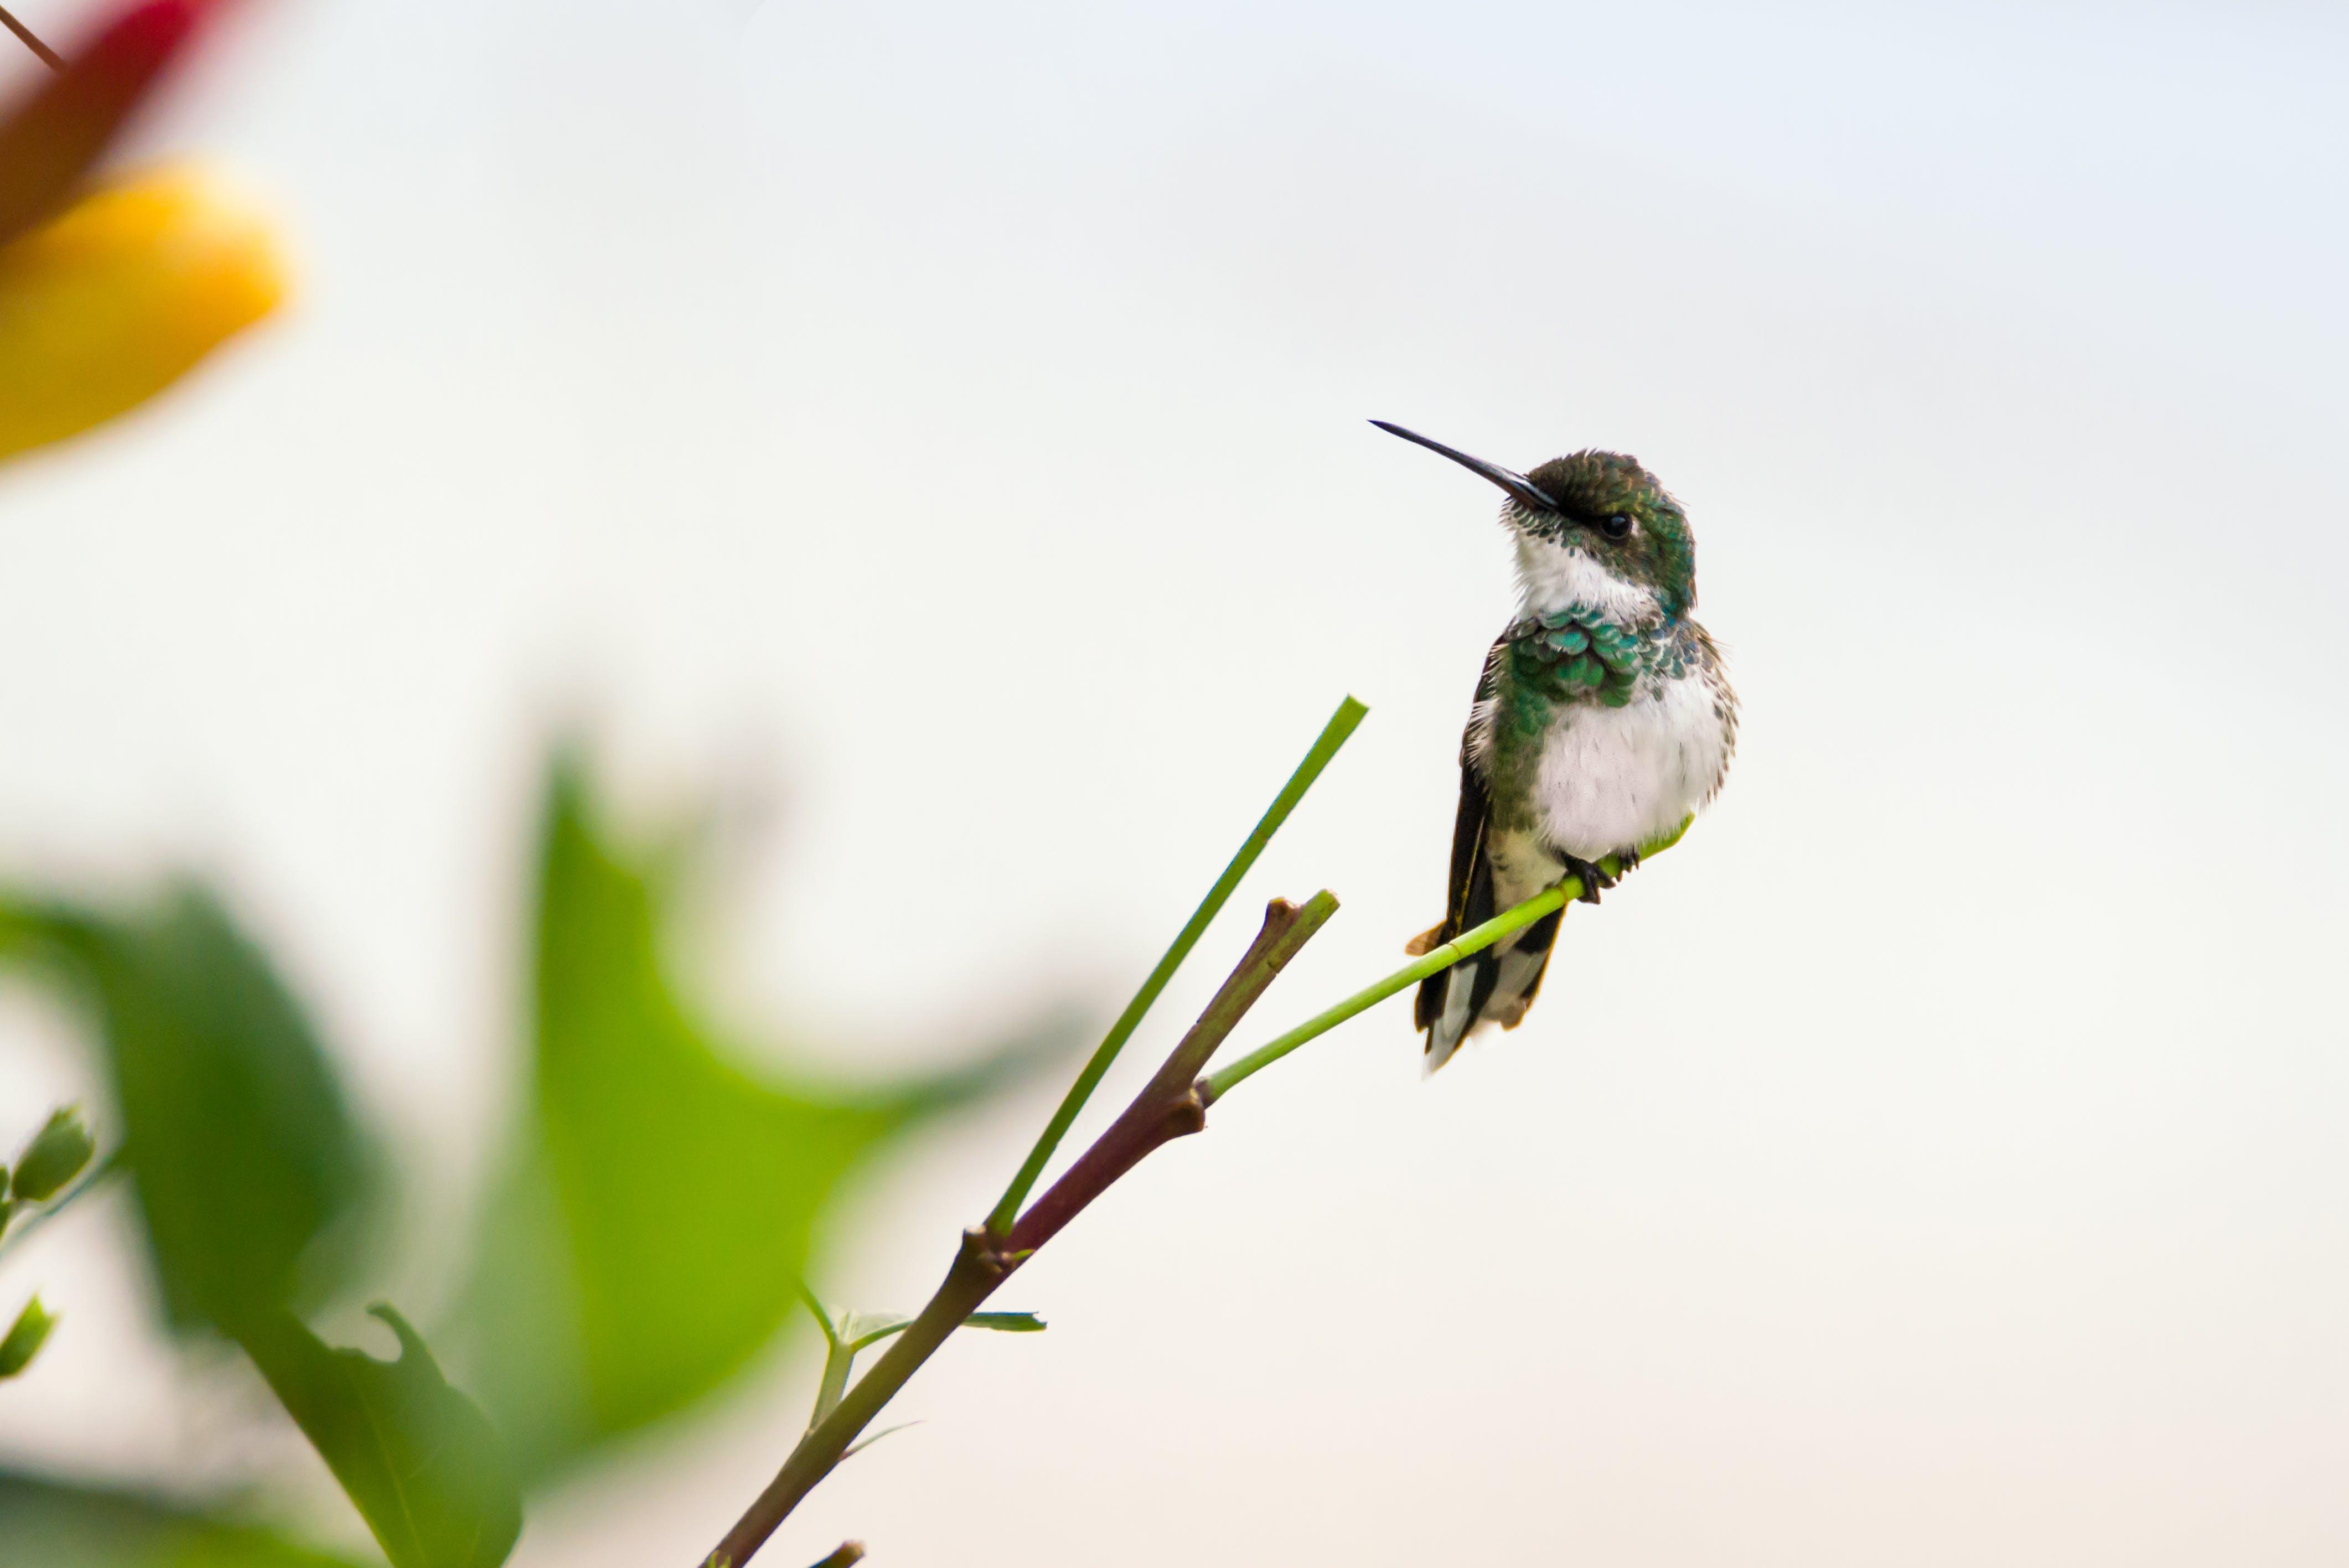 Hummingbird on Plant